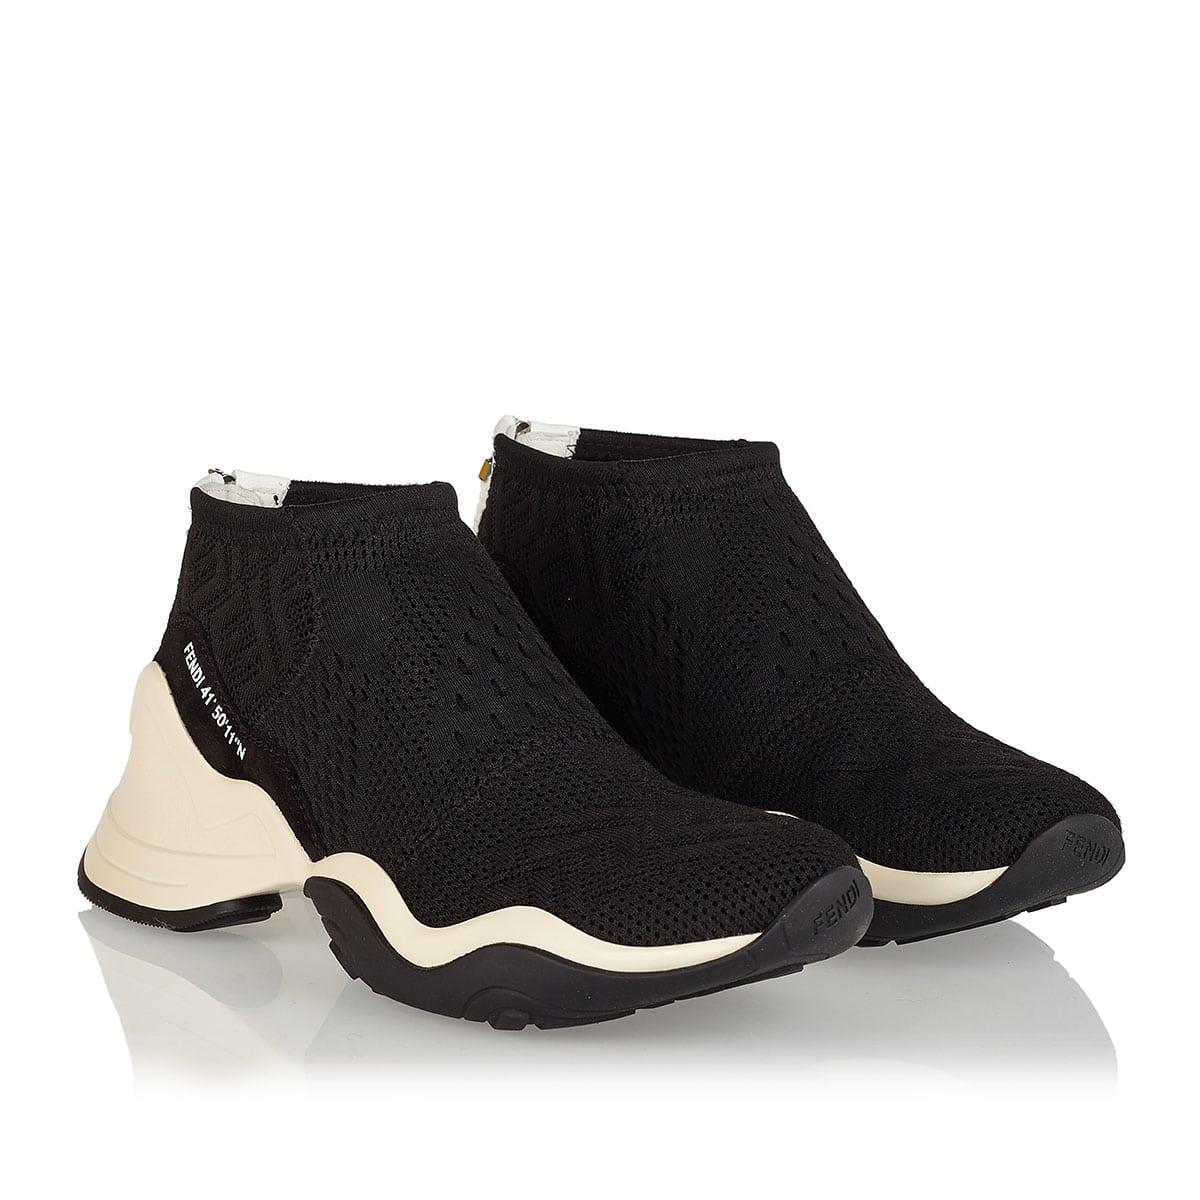 FFluid jacquard sock sneakers